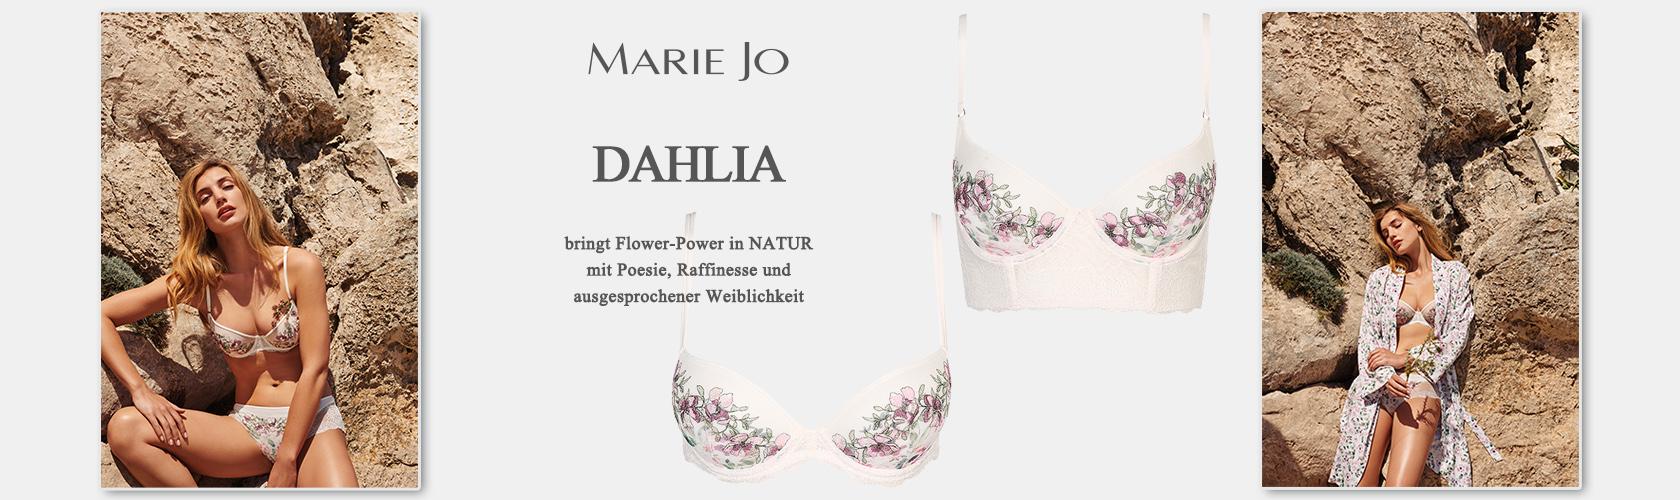 Slideshow DAHLIA 06.02.